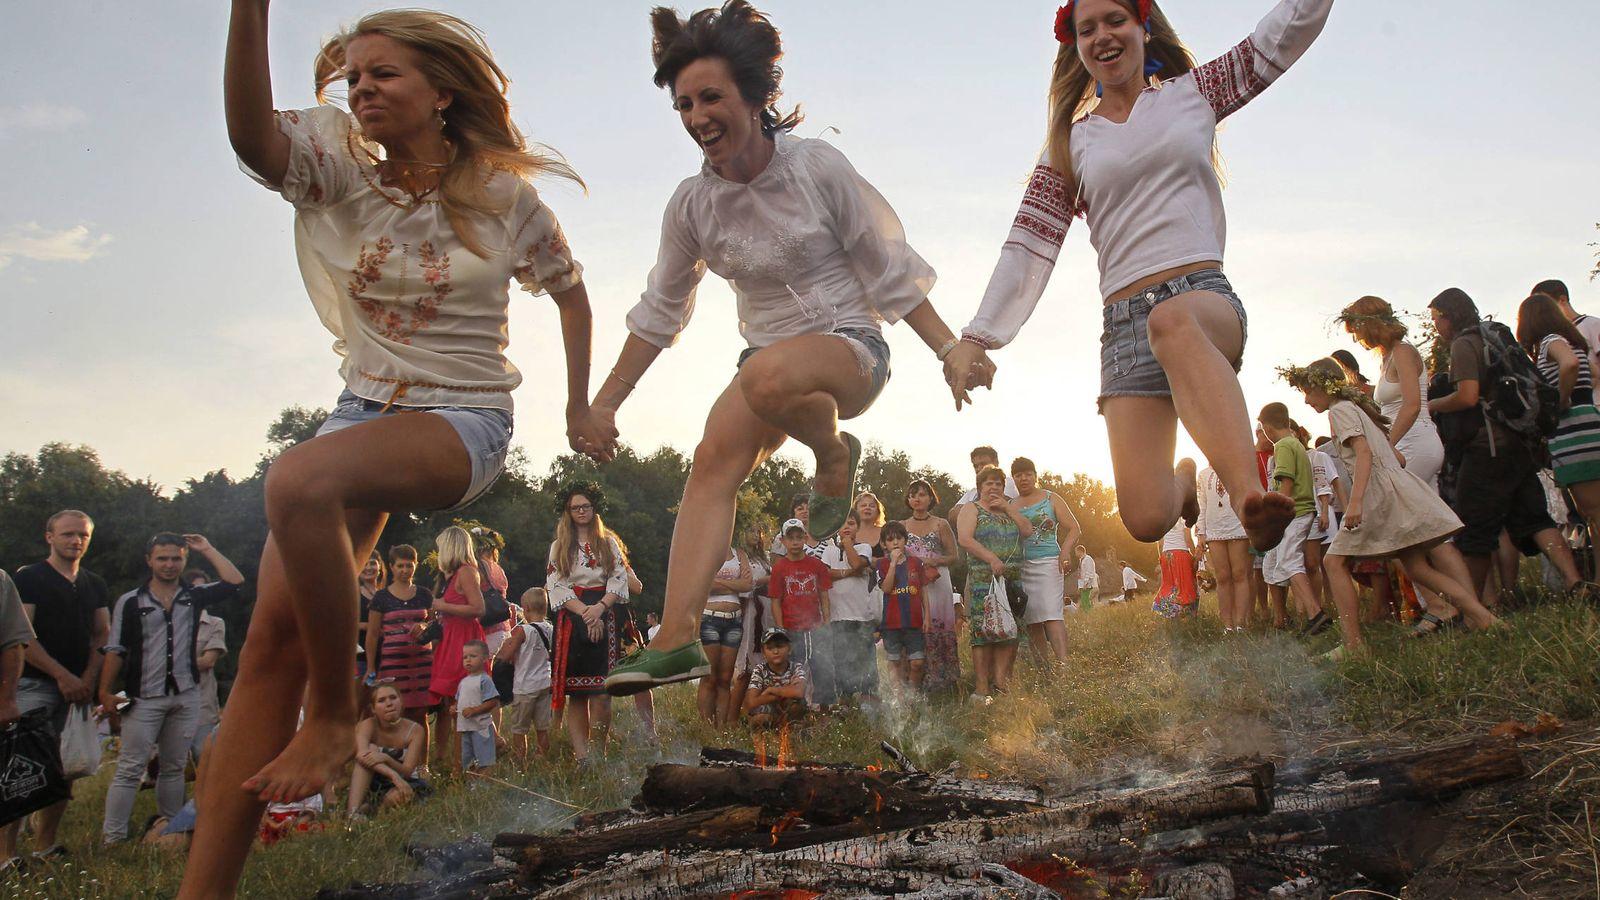 Foto: Jóvenes ucranianas saltan sobre una hoguera durante una festividad tradicional cerca de Kiev, en julio de 2013. (Reuters)